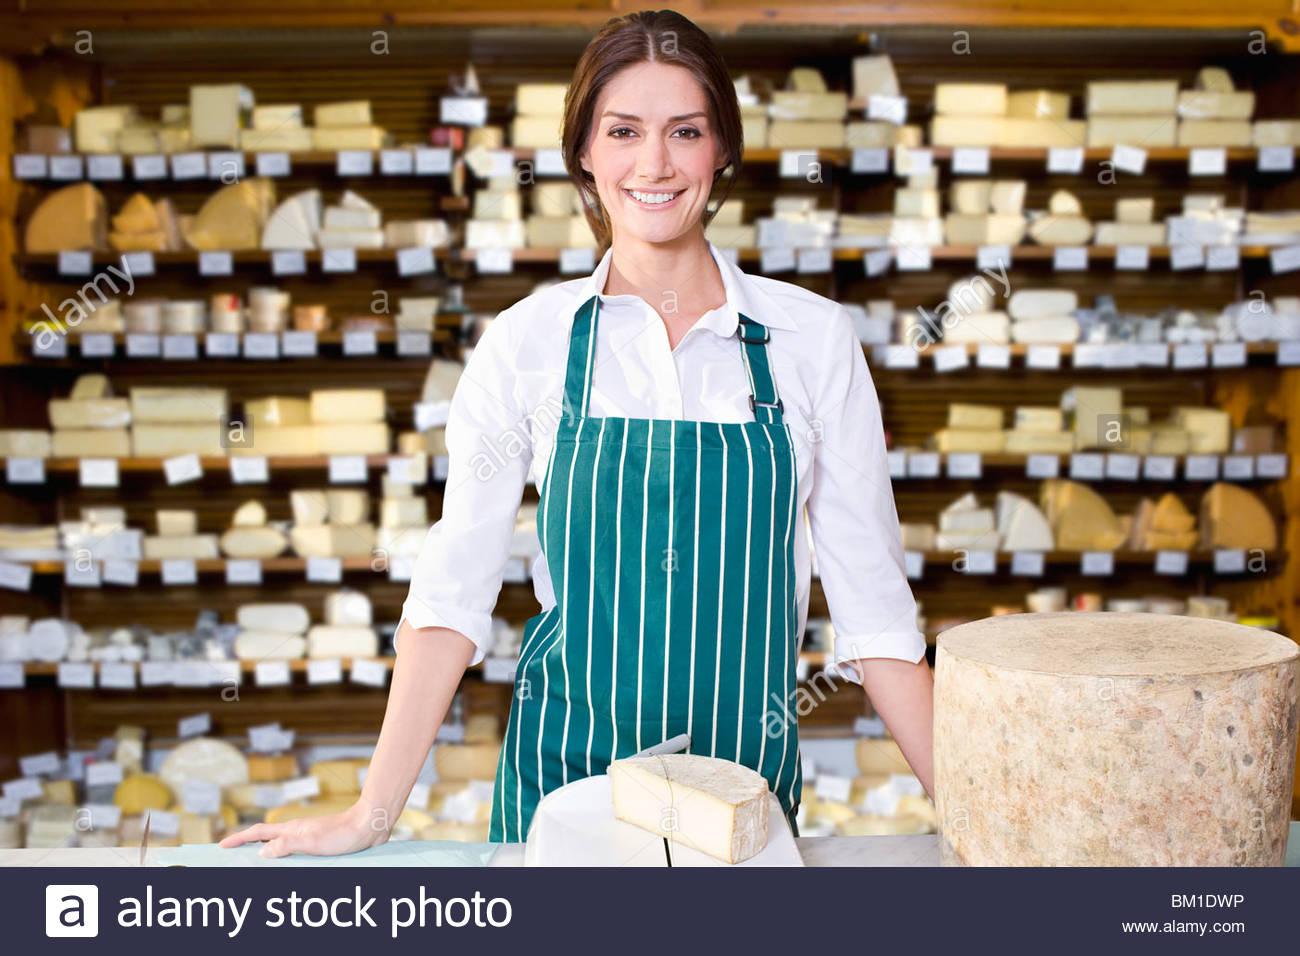 Proprietario del negozio in piedi con la grande varietà di formaggi Immagini Stock